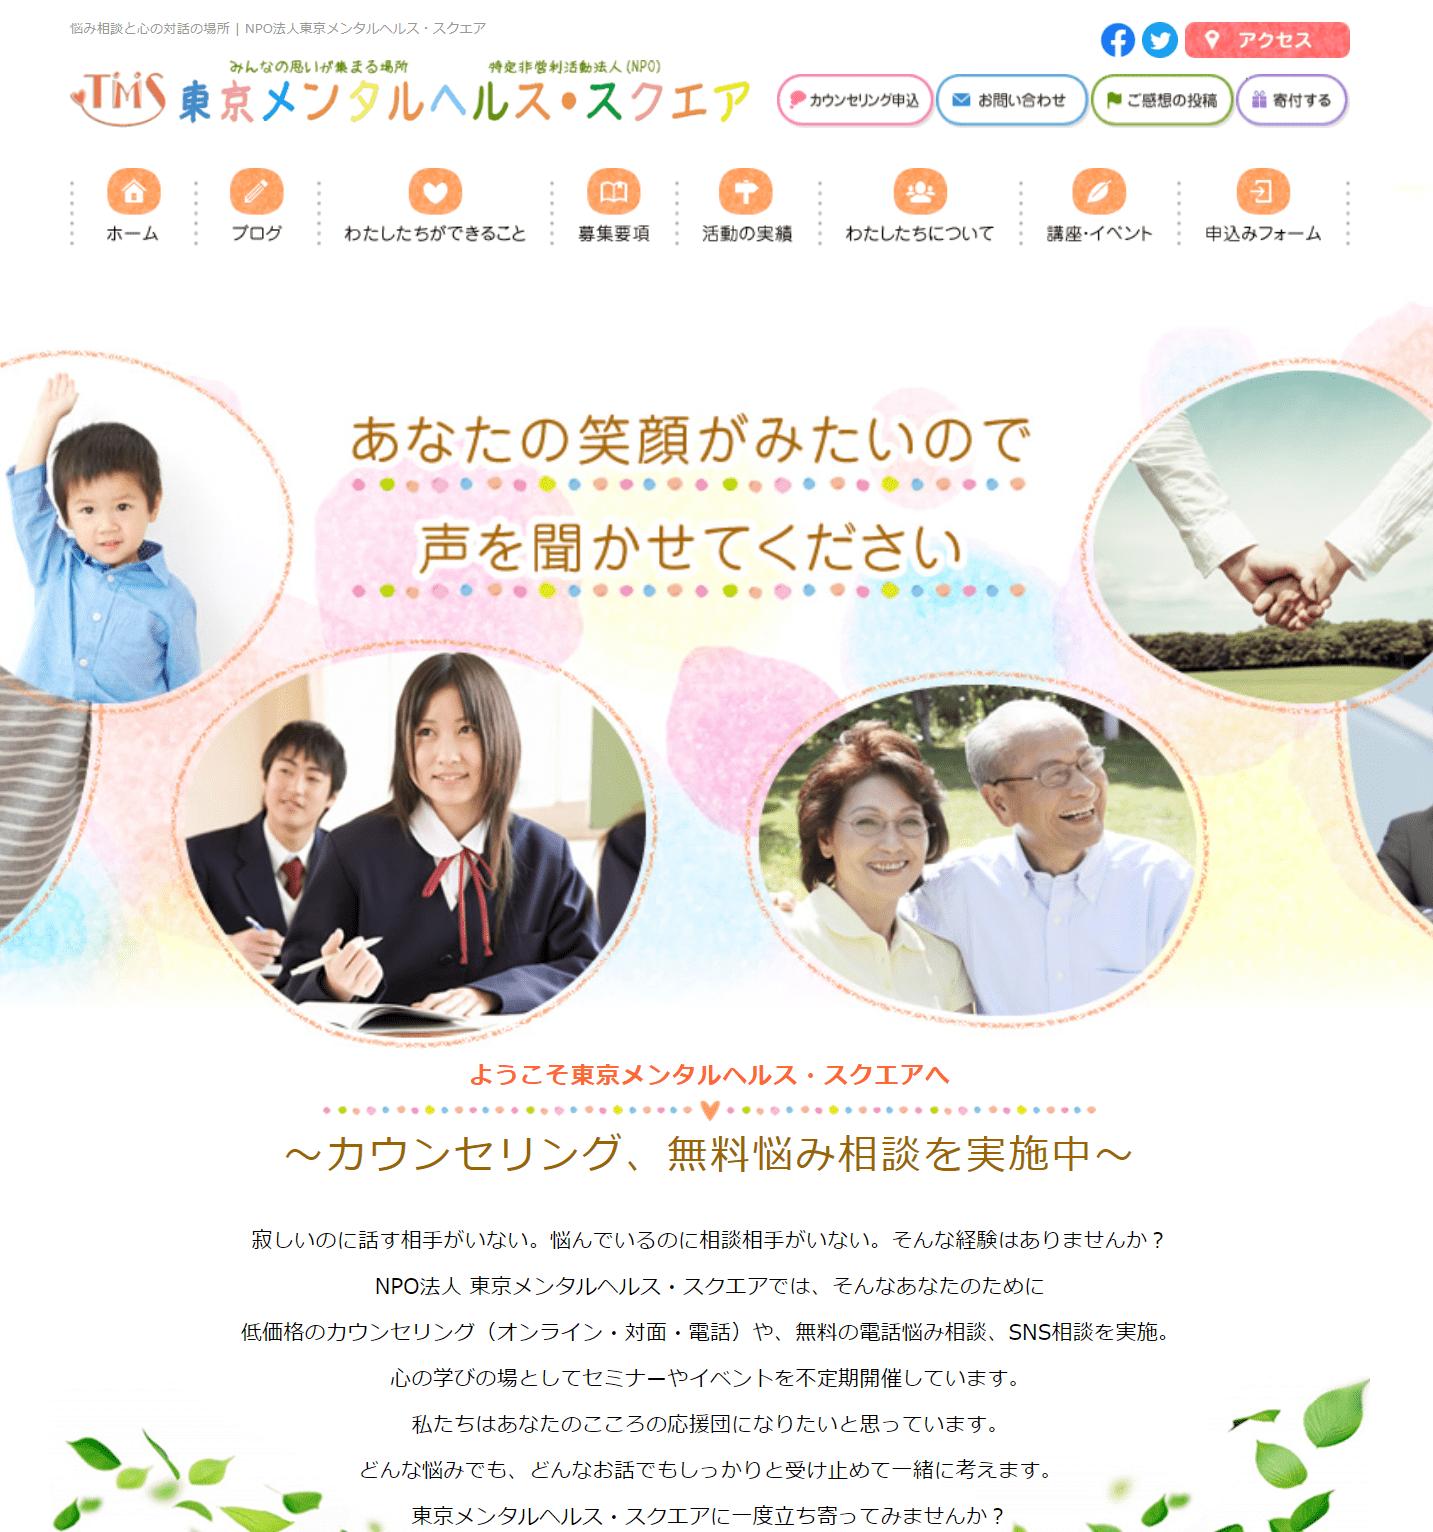 NPO法人 東京メンタルヘルス・スクエアのホームページ